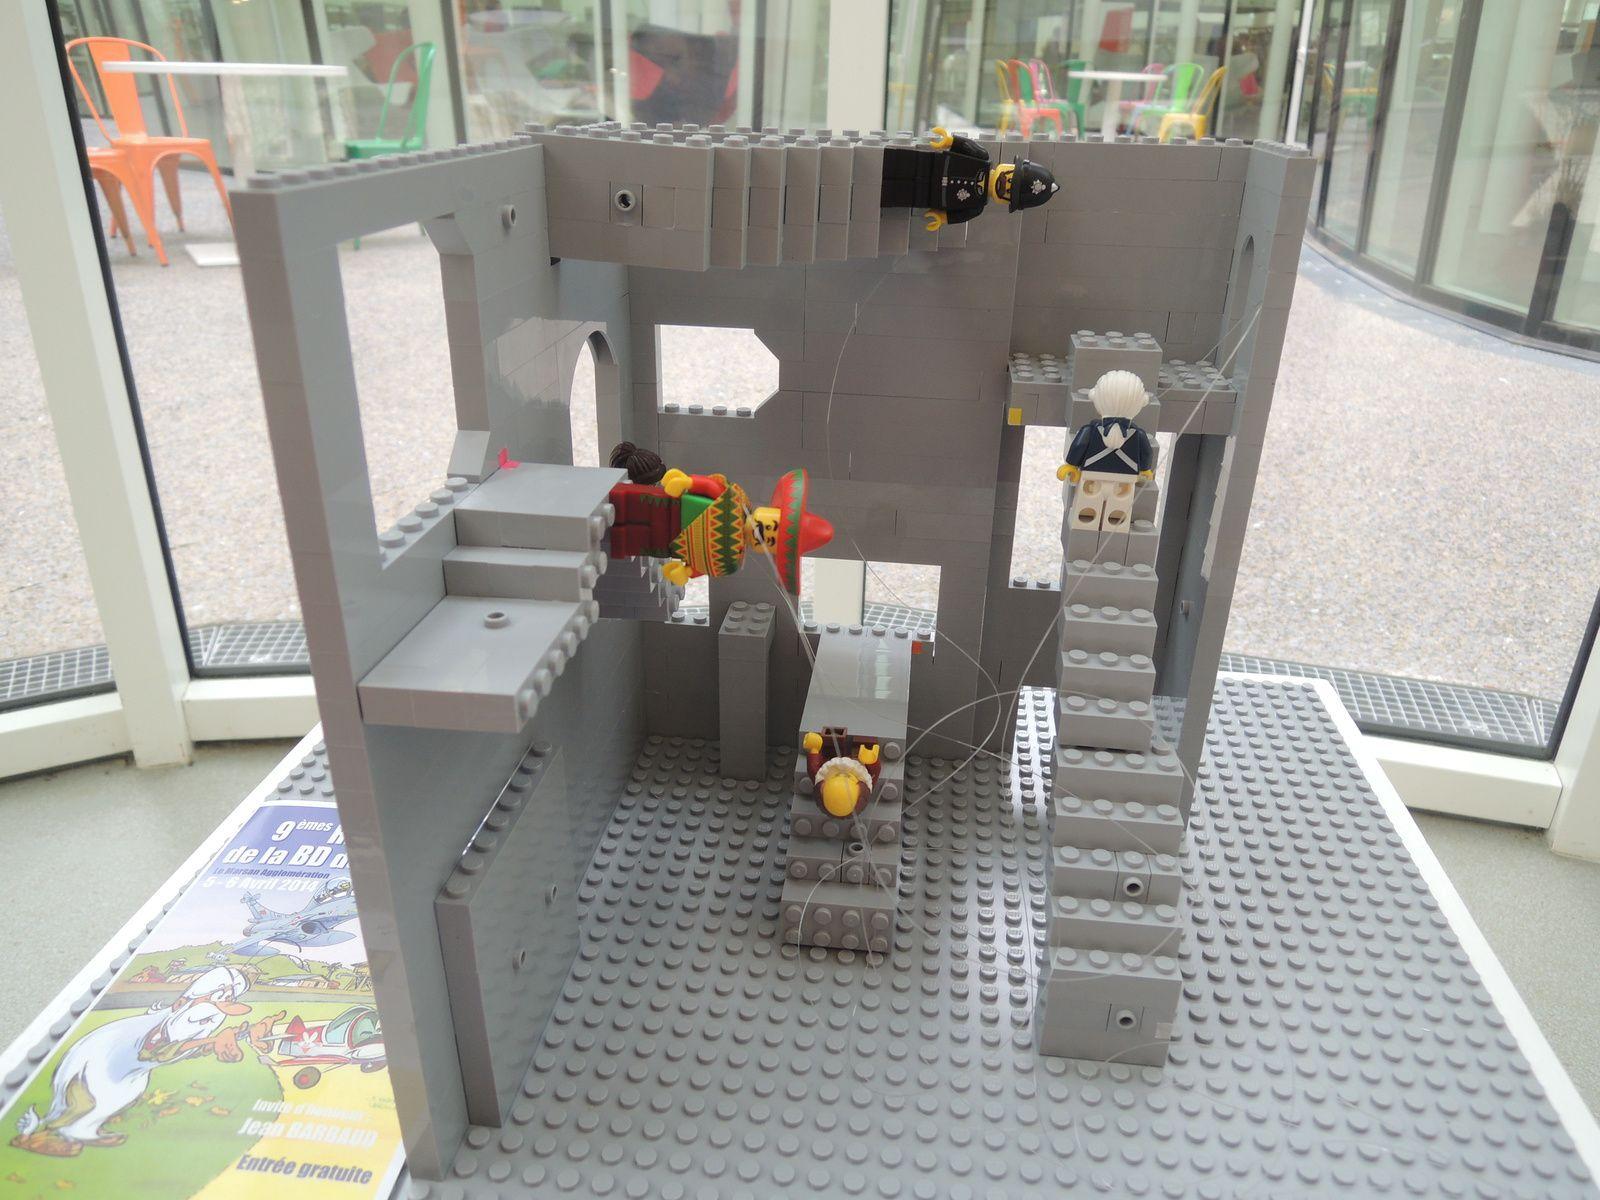 Quel rapport avec les illusions d'optique? Faites un tour à la Médiathèque et vous le saurez! Petit indice toutefois: les Lego pour comprendre un tableau et même d'y entrer. Ça c'est amusant et ludique! .